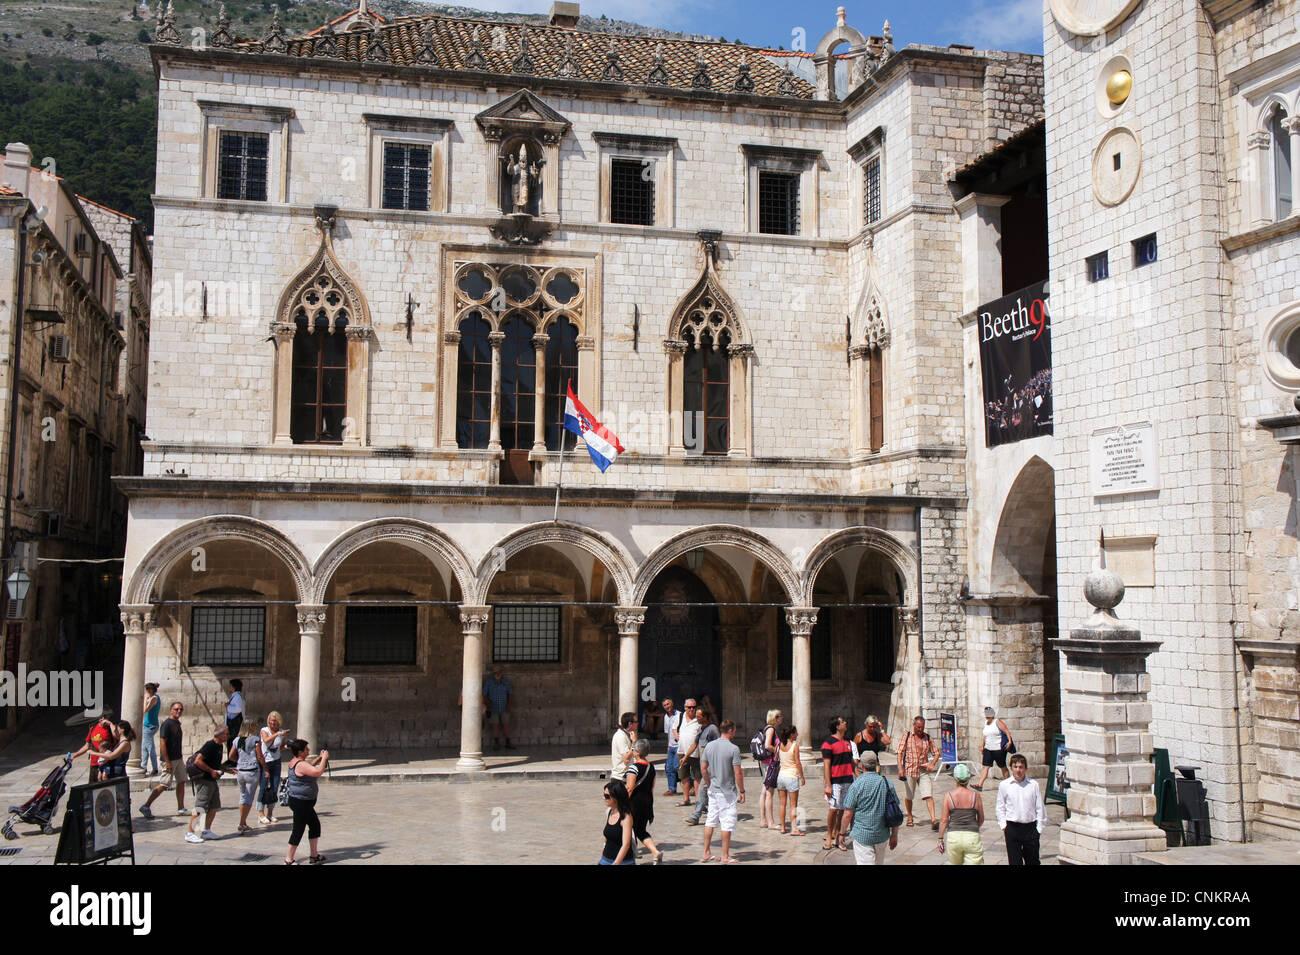 Dubrovnik, Sponza palace, Croatia - Stock Image